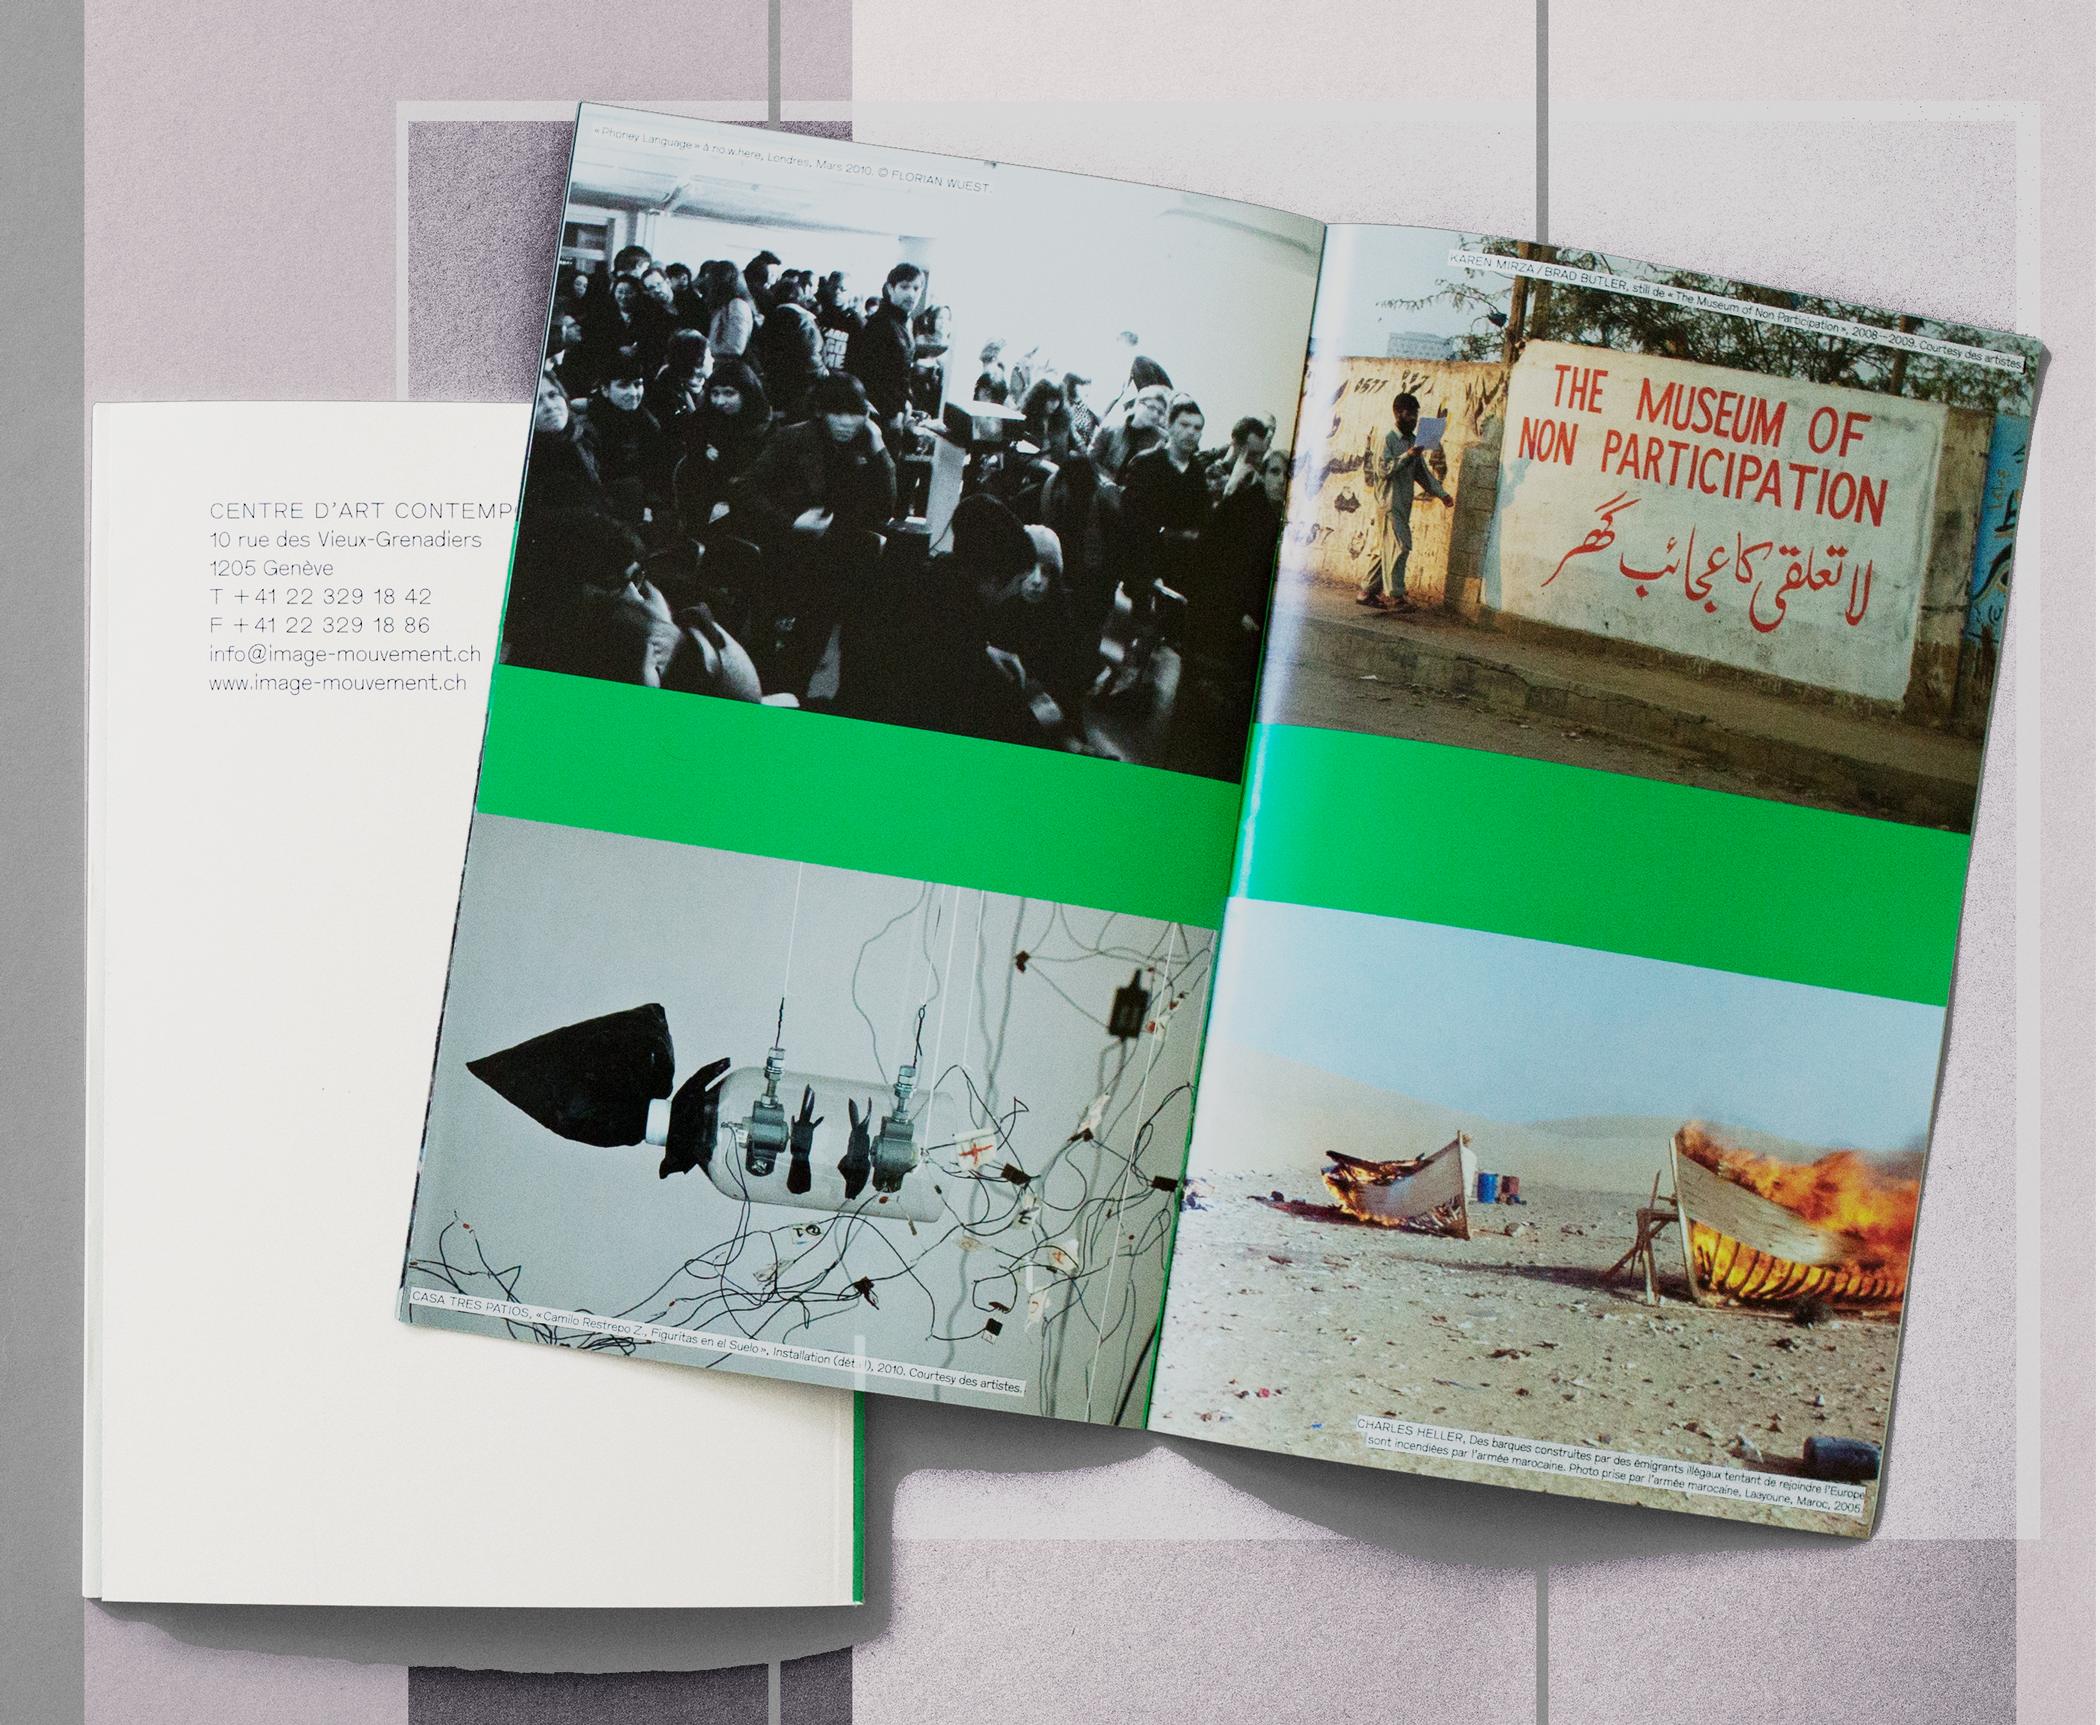 Programme du festival. Une brochure contenant des stills des films imprimée en quadrichromie était insérée dans le livret contenant les textes imprimé en deux couleurs. En tant que Schönherwehrs.